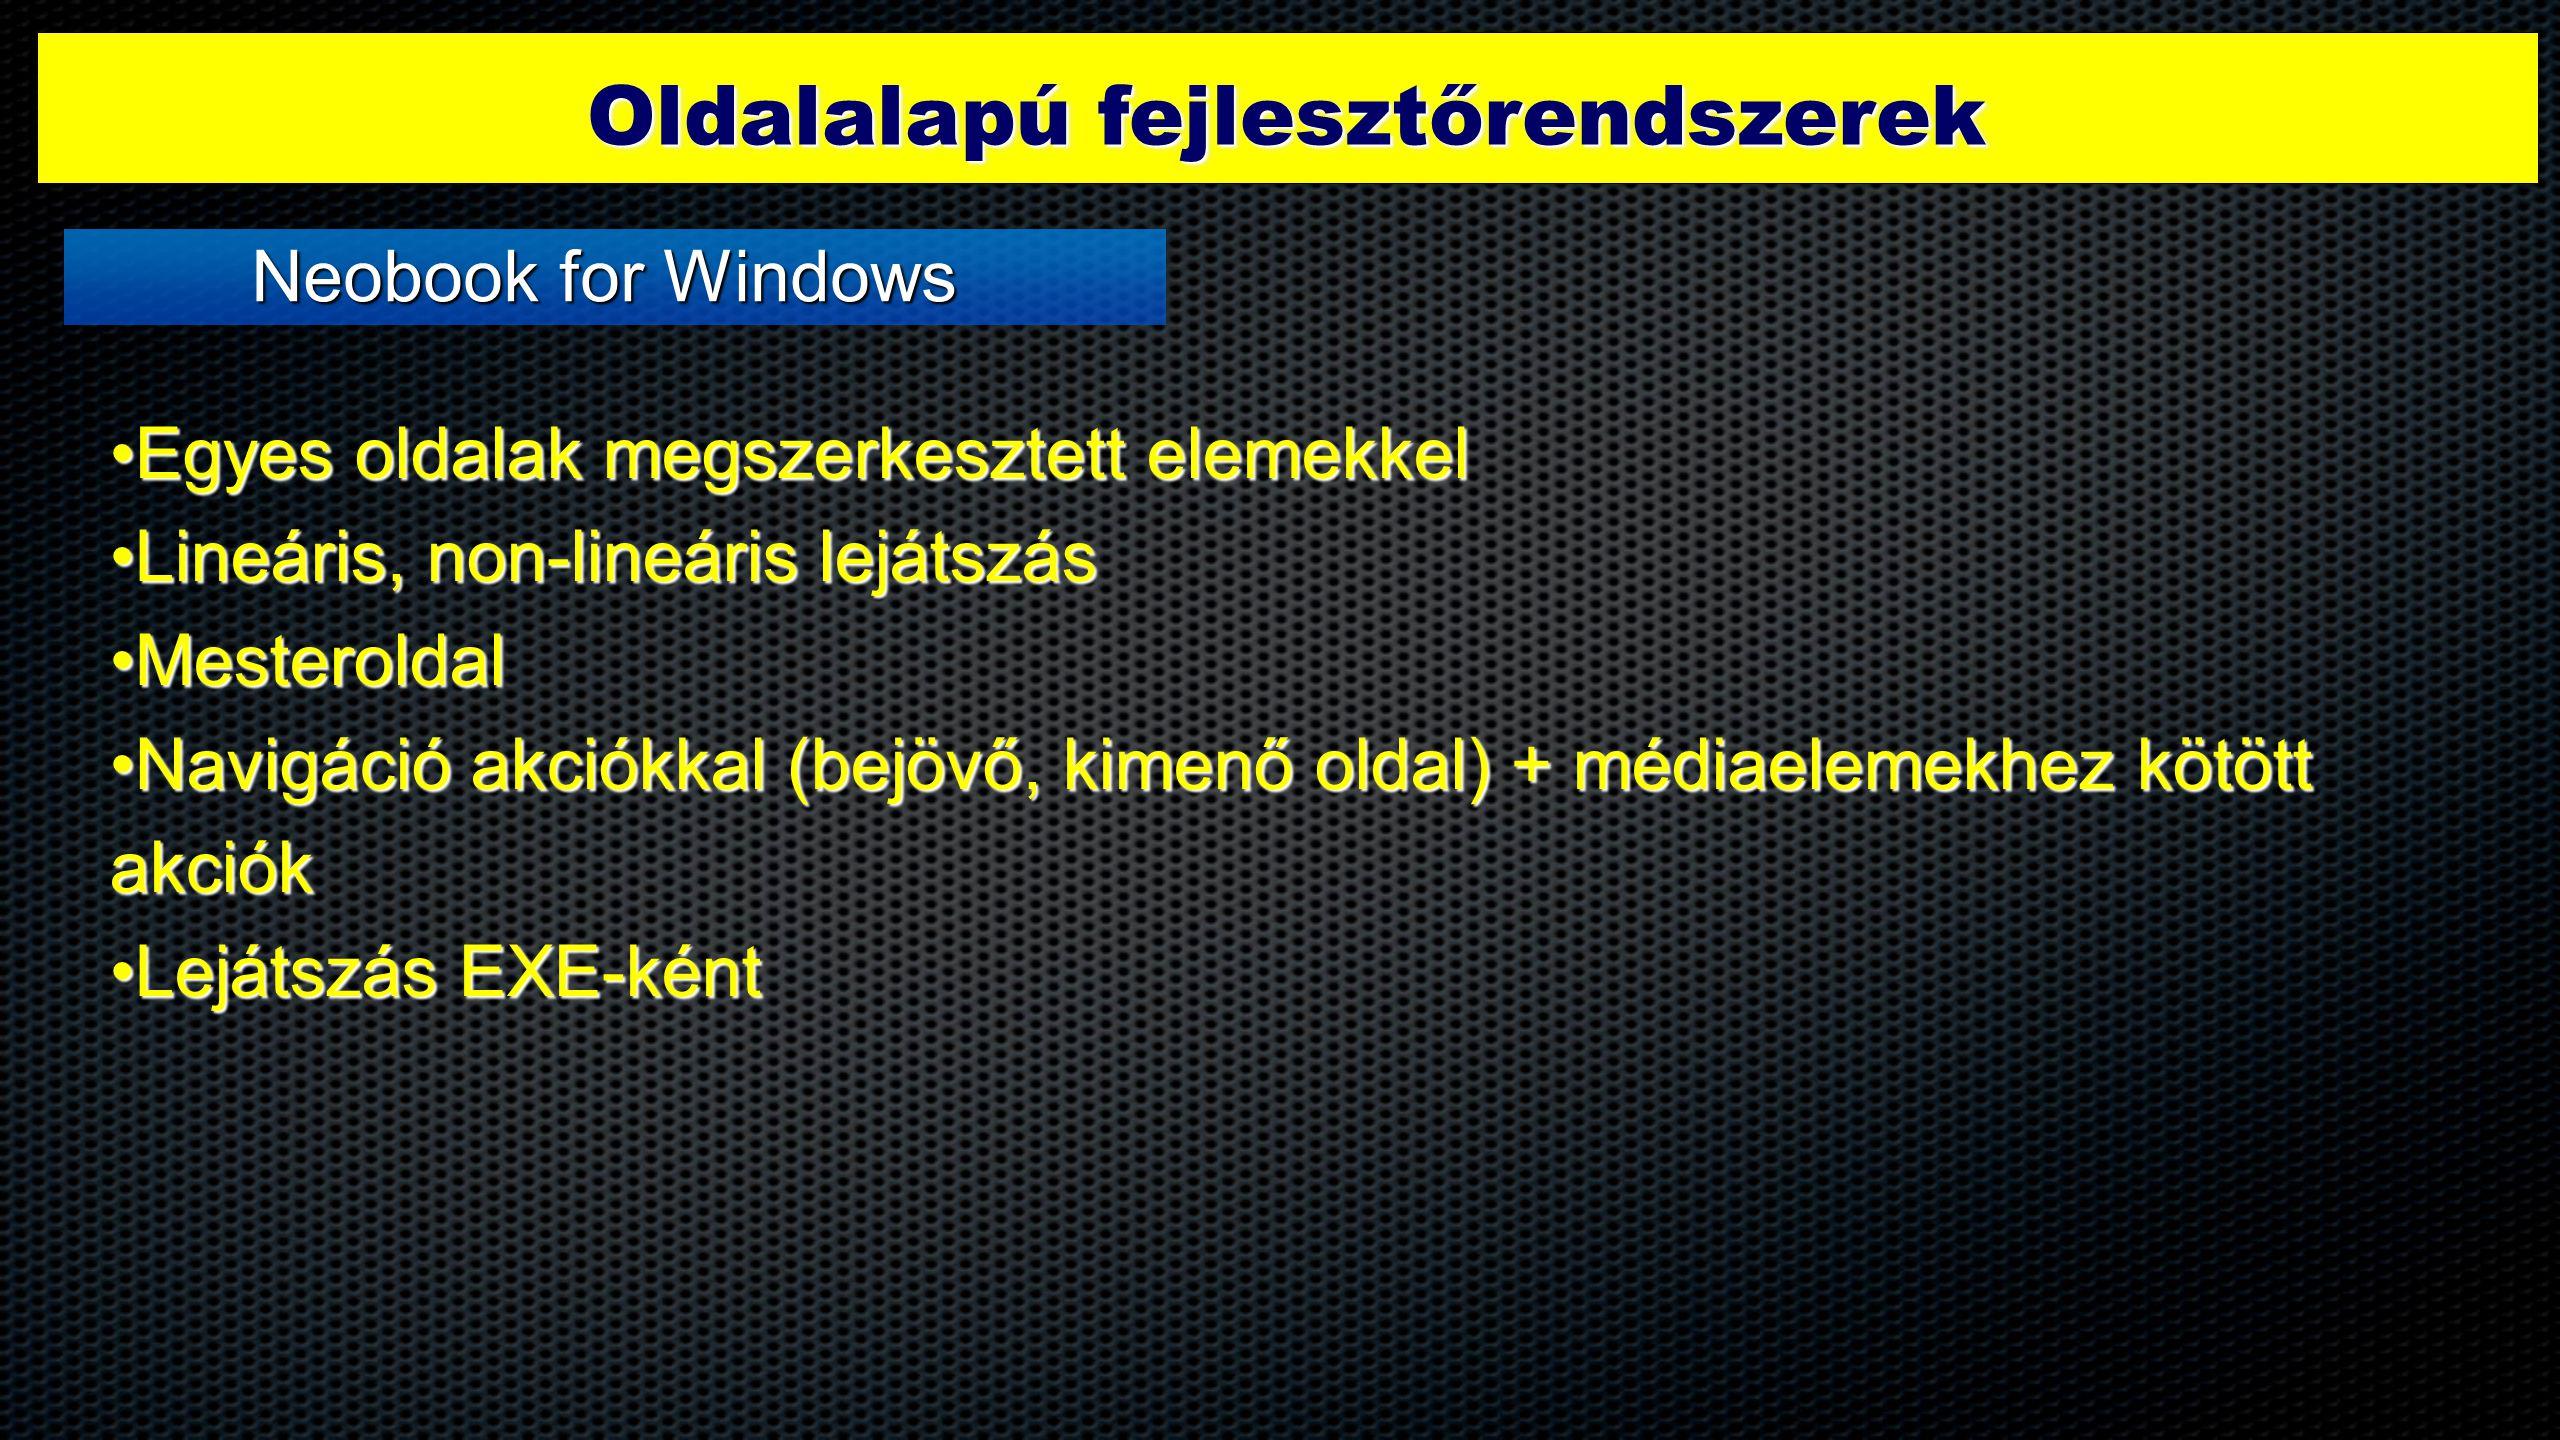 Oldalalapú fejlesztőrendszerek •Egyes oldalak megszerkesztett elemekkel •Lineáris, non-lineáris lejátszás •Mesteroldal •Navigáció akciókkal (bejövő, kimenő oldal) + médiaelemekhez kötött akciók •Lejátszás EXE-ként Neobook for Windows